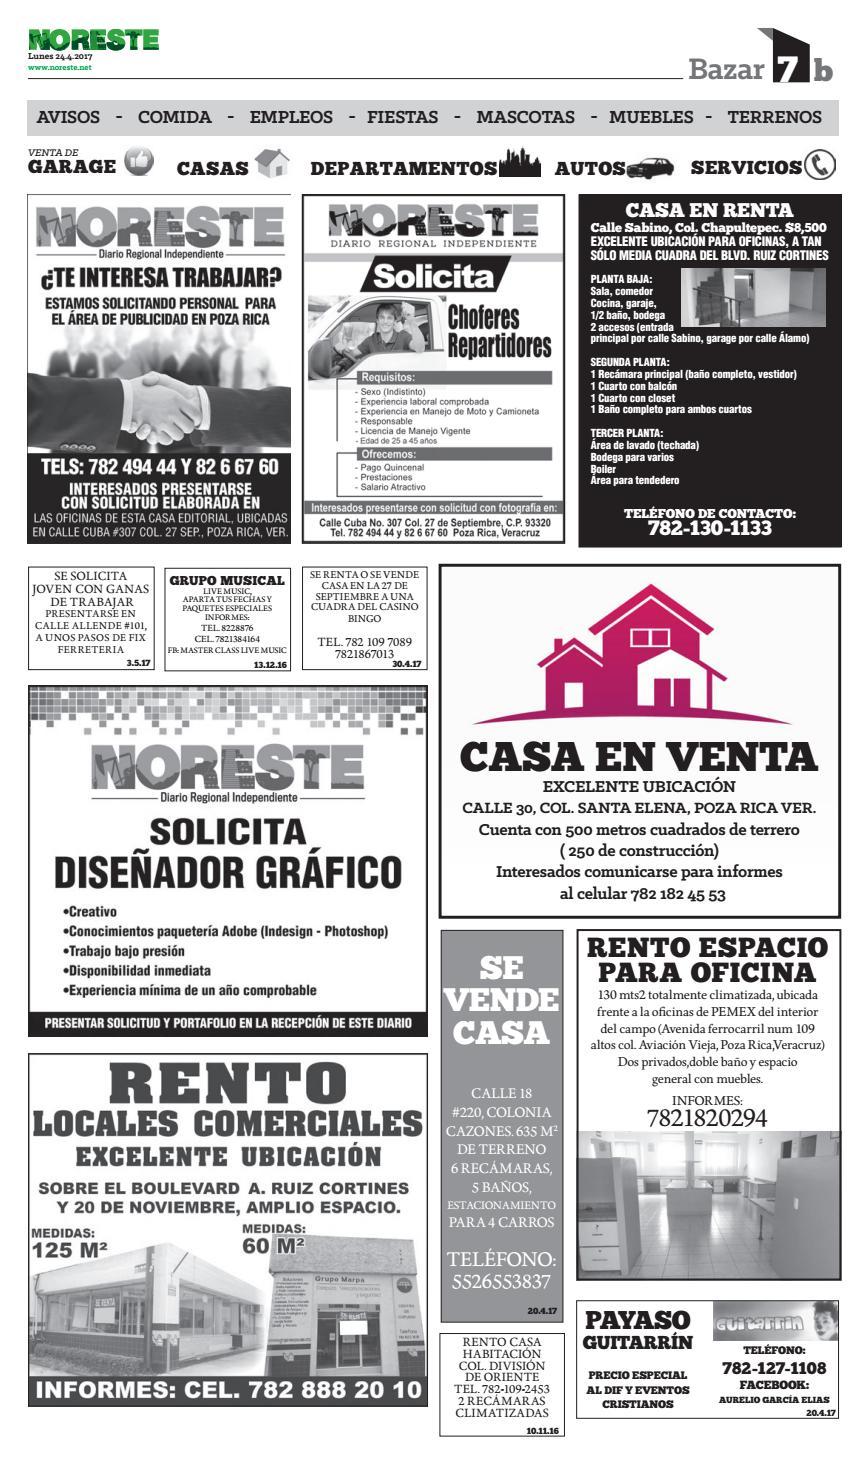 Versi N Impresa 24 De Abril By Noreste Diario Regional  # Muebles Poza Rica Veracruz